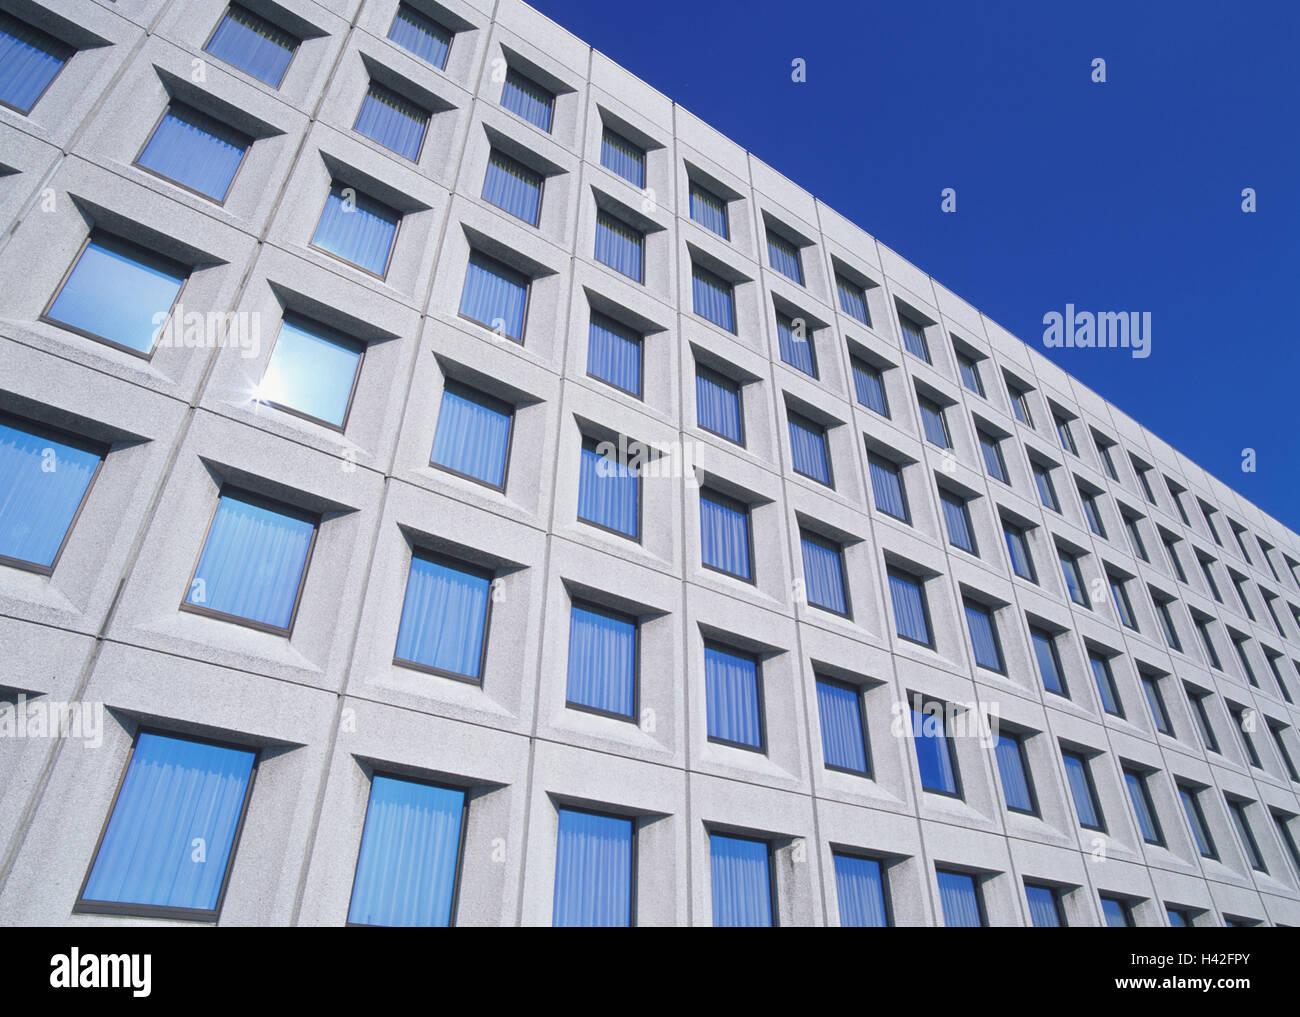 Les immeubles de bureaux façade fenêtre détail b timent mur